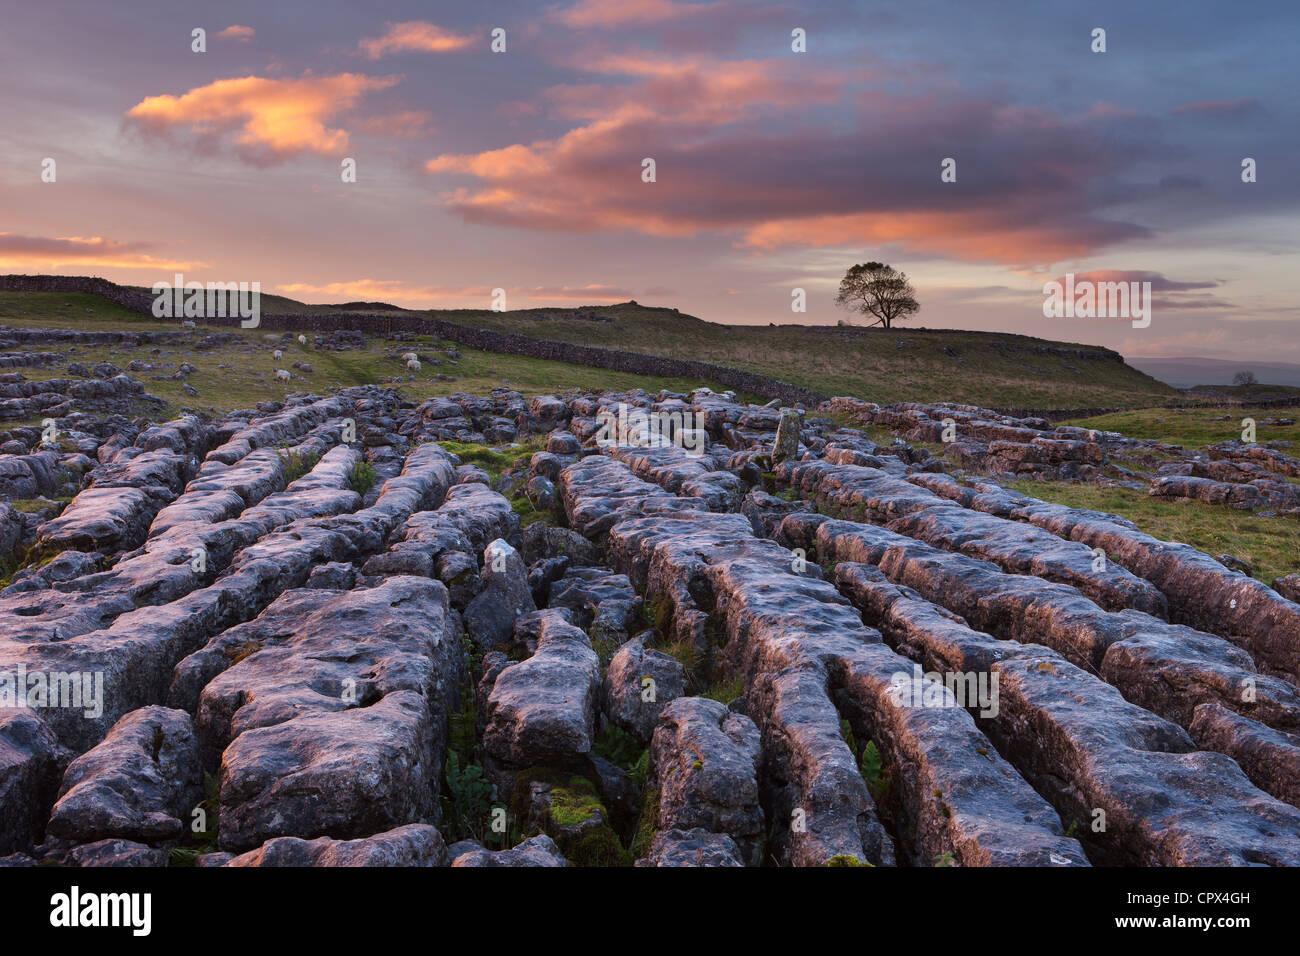 Un lapiez sur Malham Moor à l'aube, Yorkshire, England, UK Photo Stock